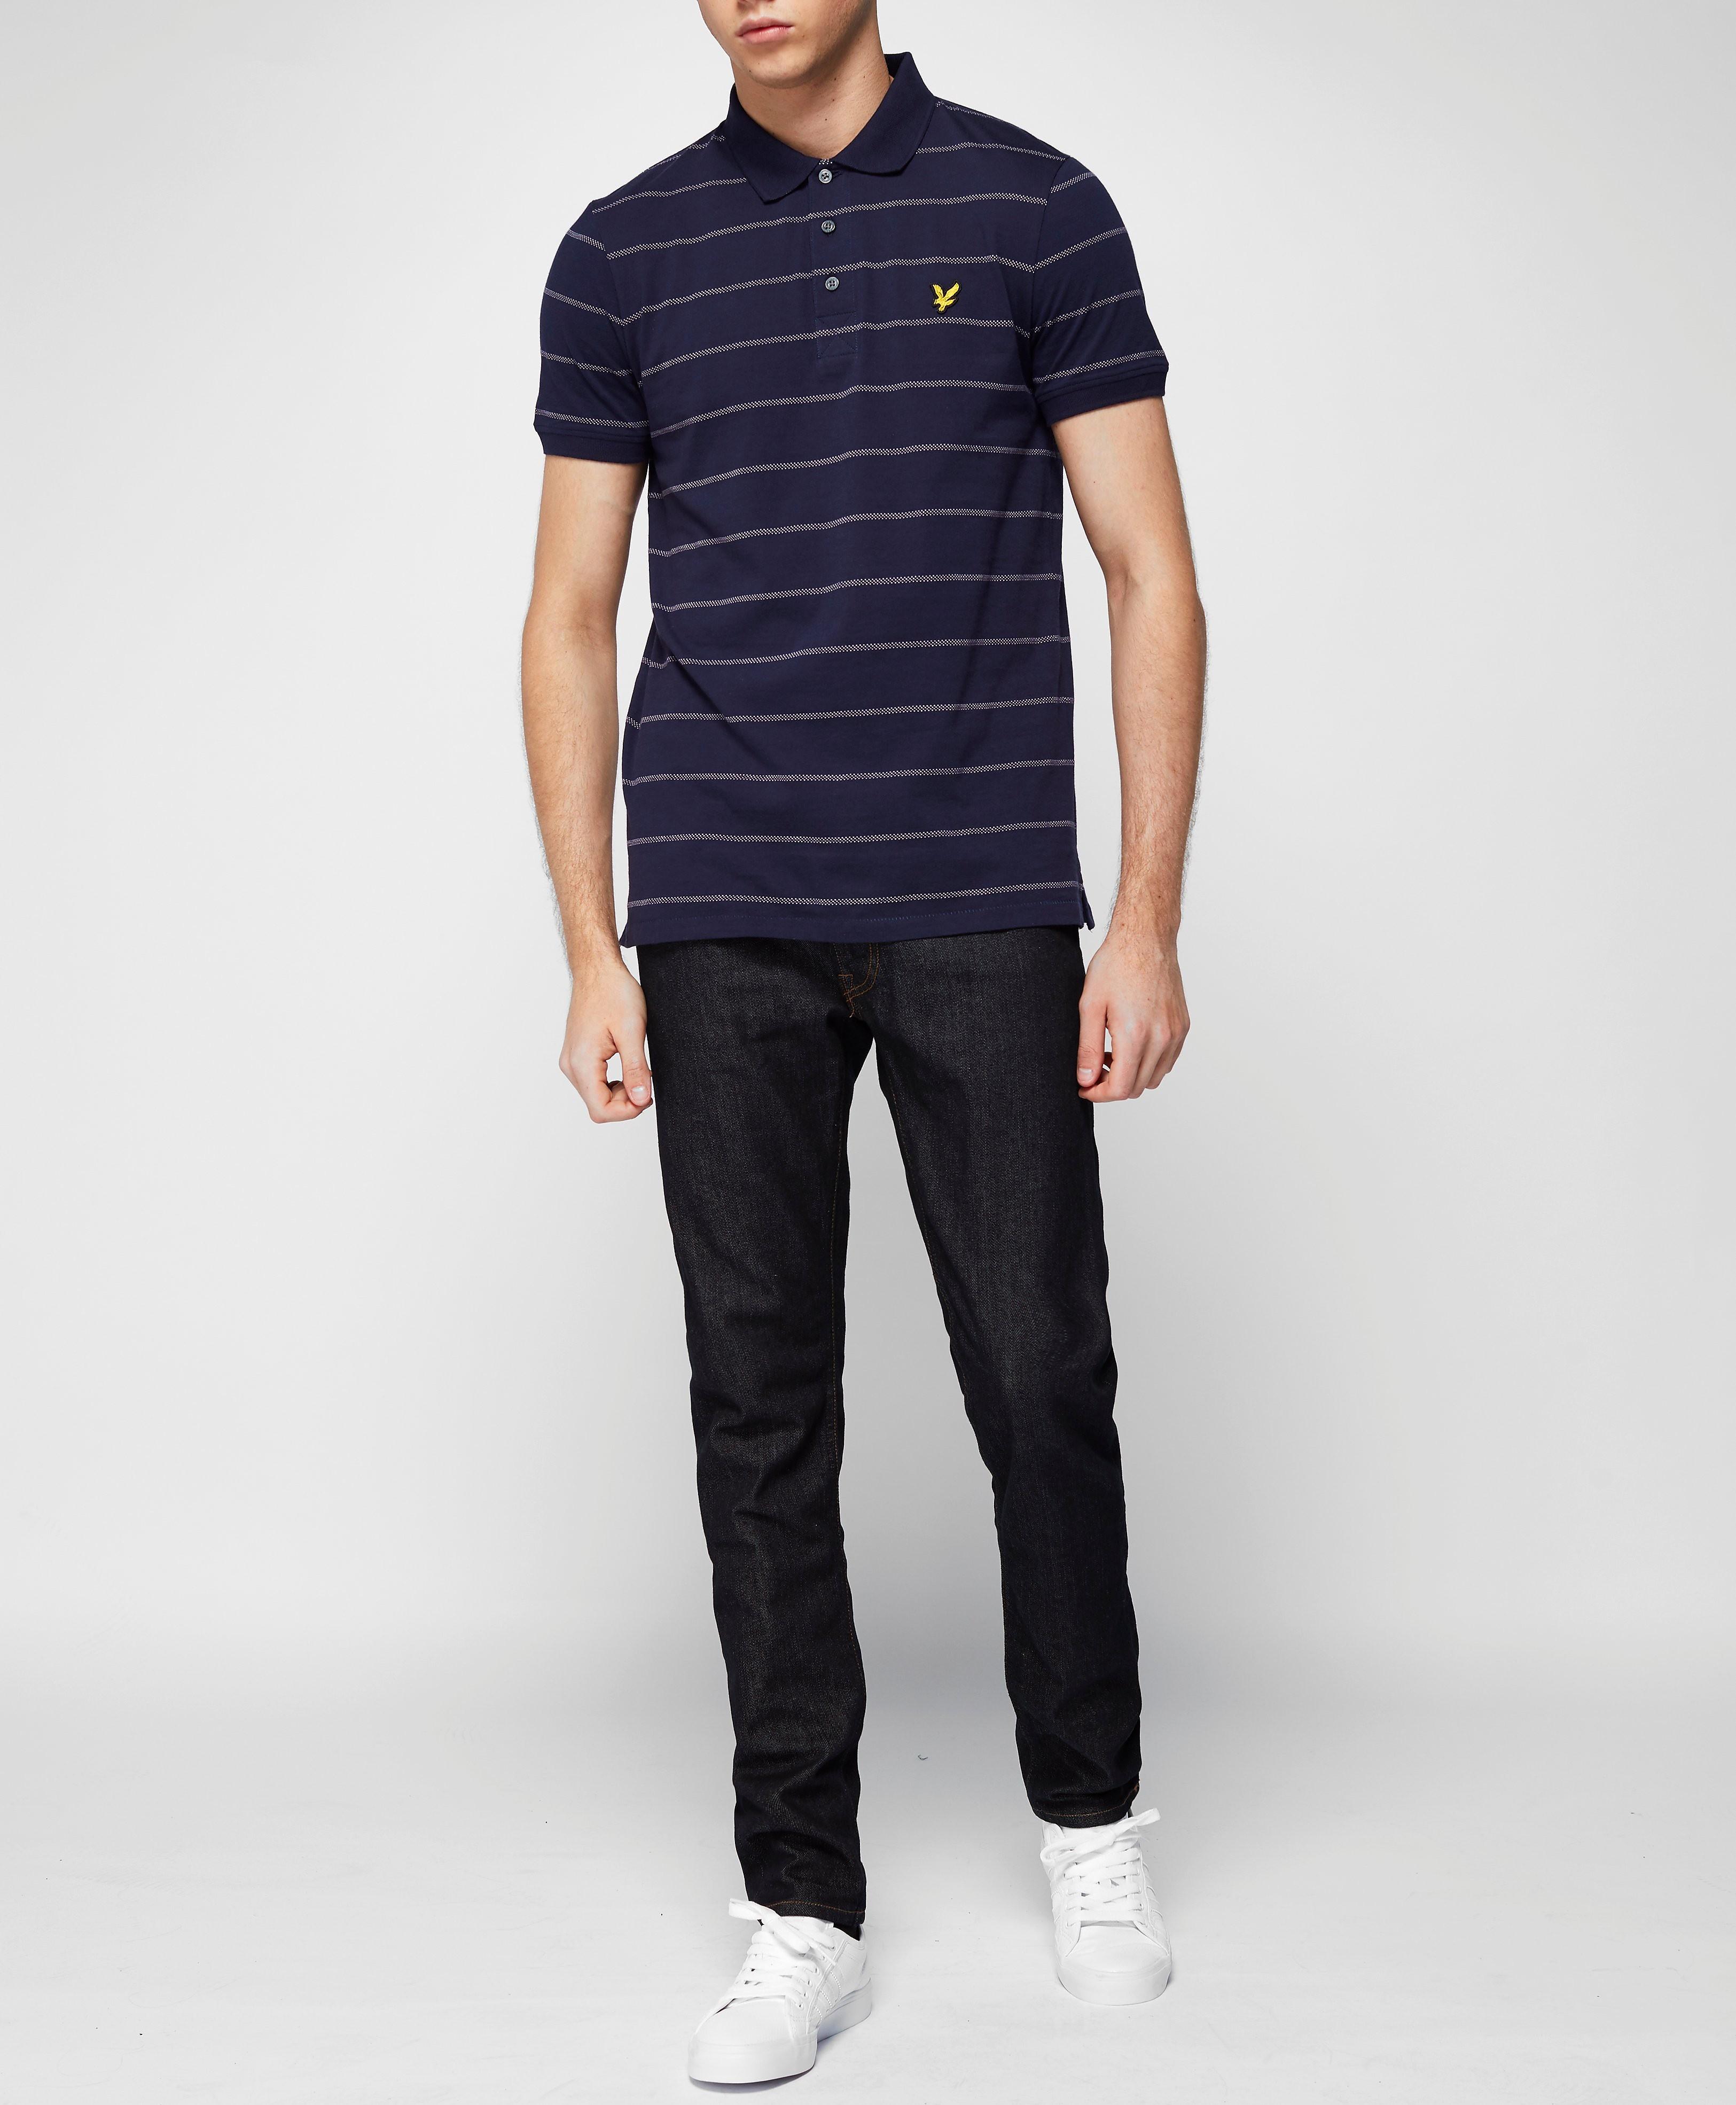 Lyle & Scott Birdseye Stripe Polo Shirt